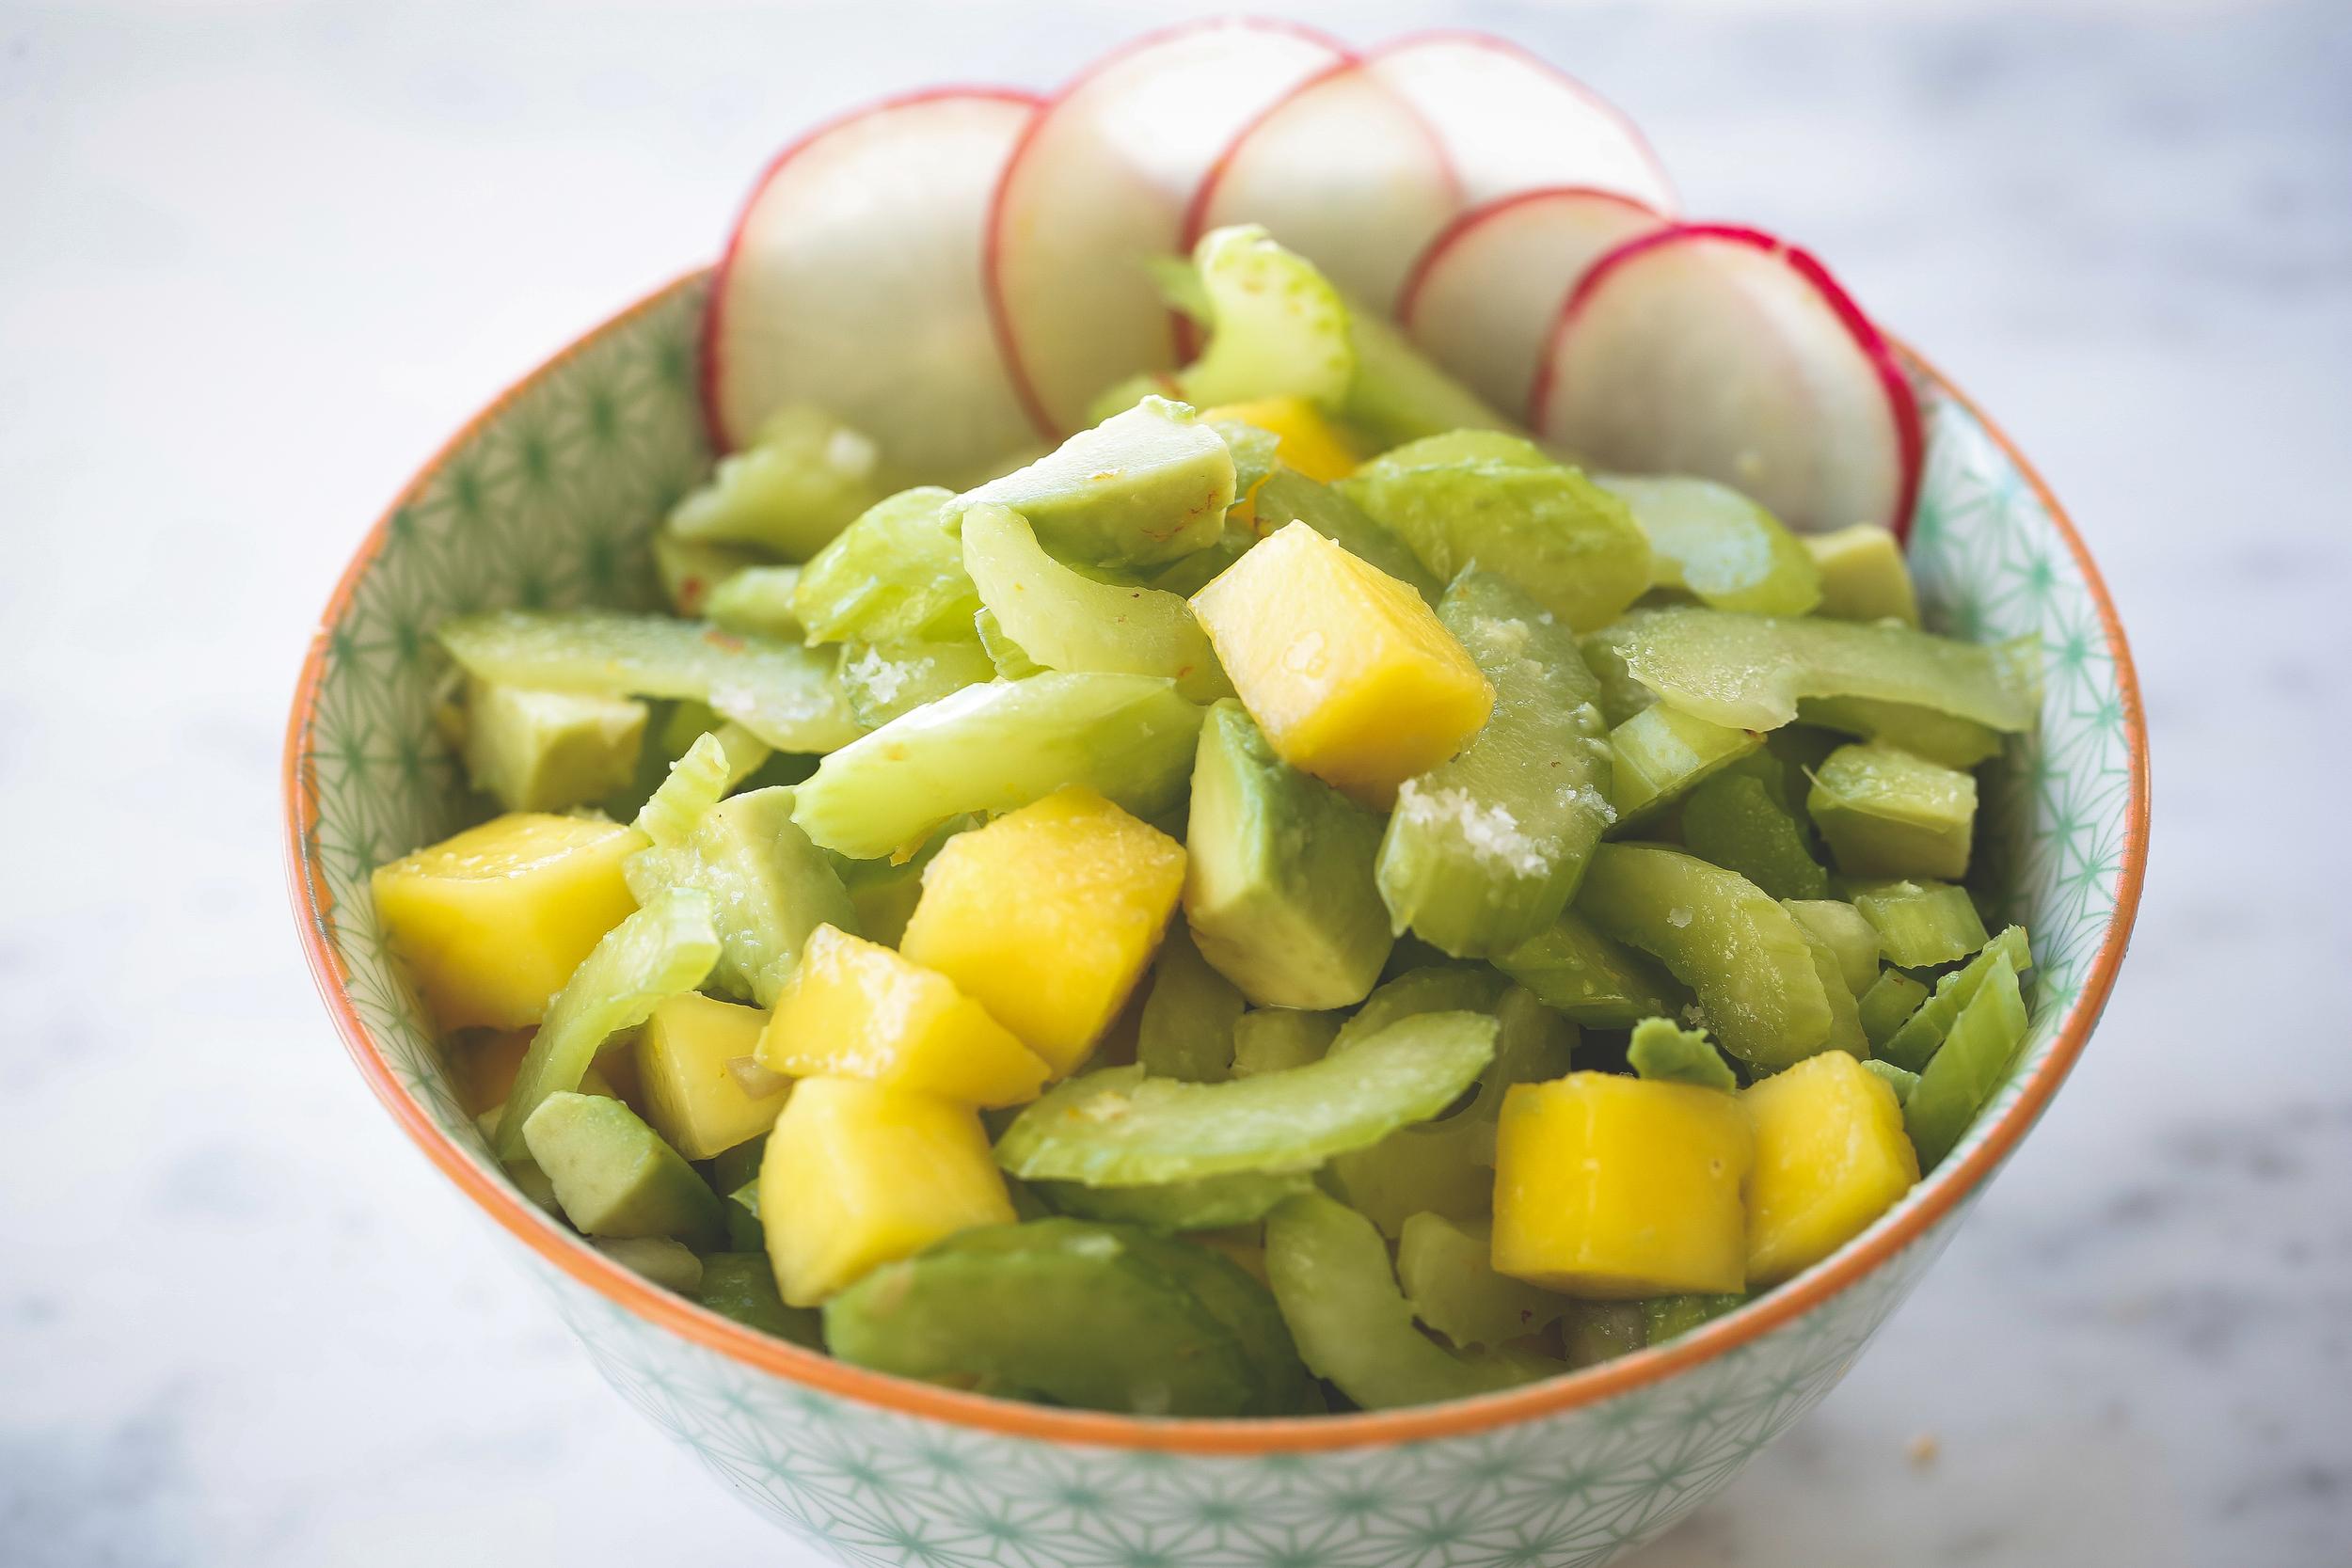 Celery, Mango, and Avocado Salad